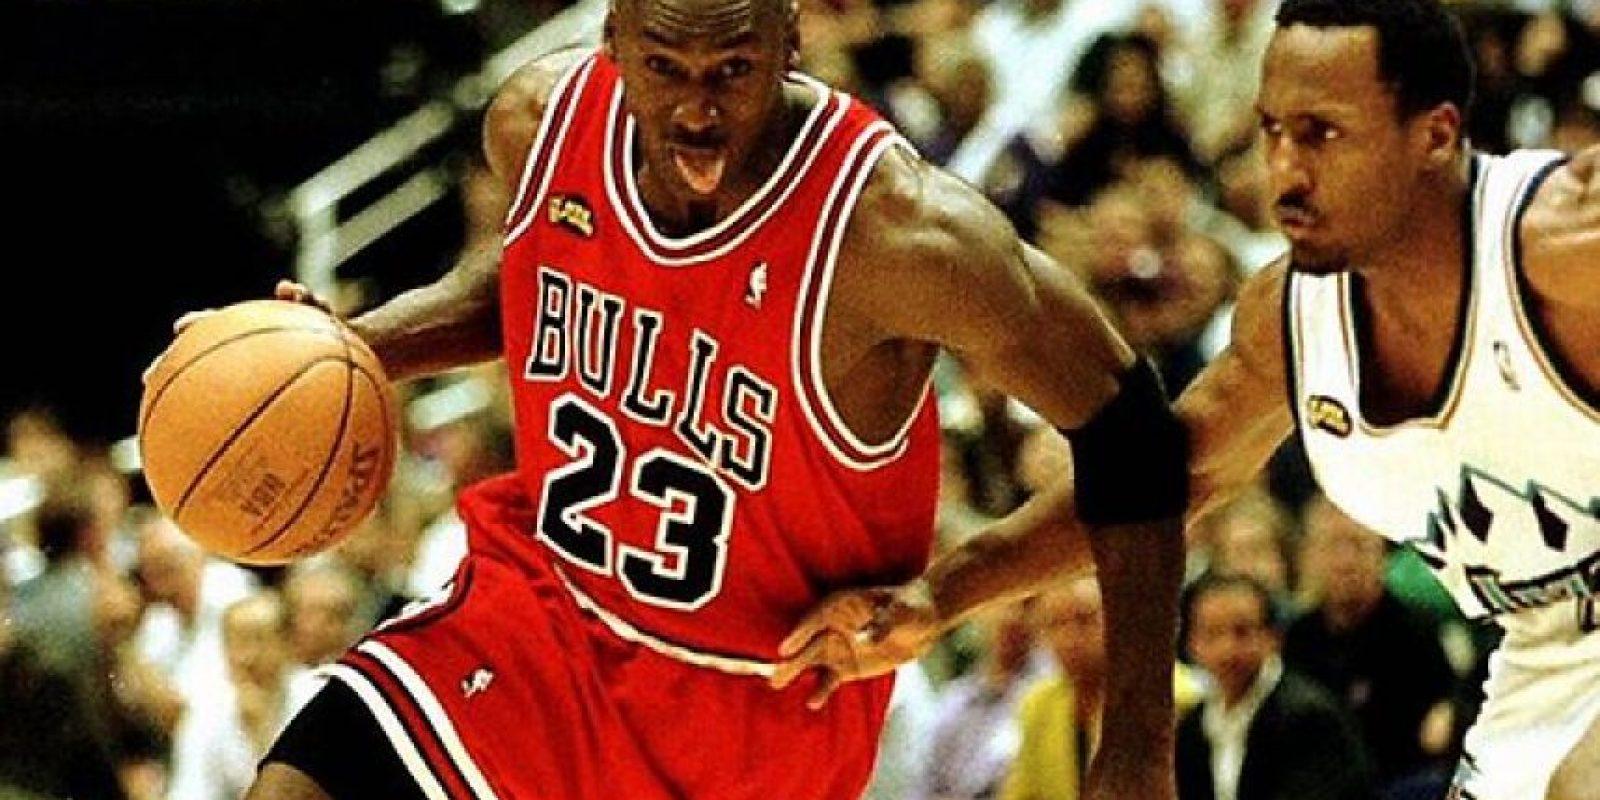 Michael Jordan, el basquetbolista más recordado de la NBA a nivel mundial contó que cada vez que jugaba con los Toros de Chicago, usaba el mismo short con el que jugaba en la universidad, algo que le trajo suerte y con lo cual alcanzó seis campeonatos de la NBA con este equipo. Foto:AFP